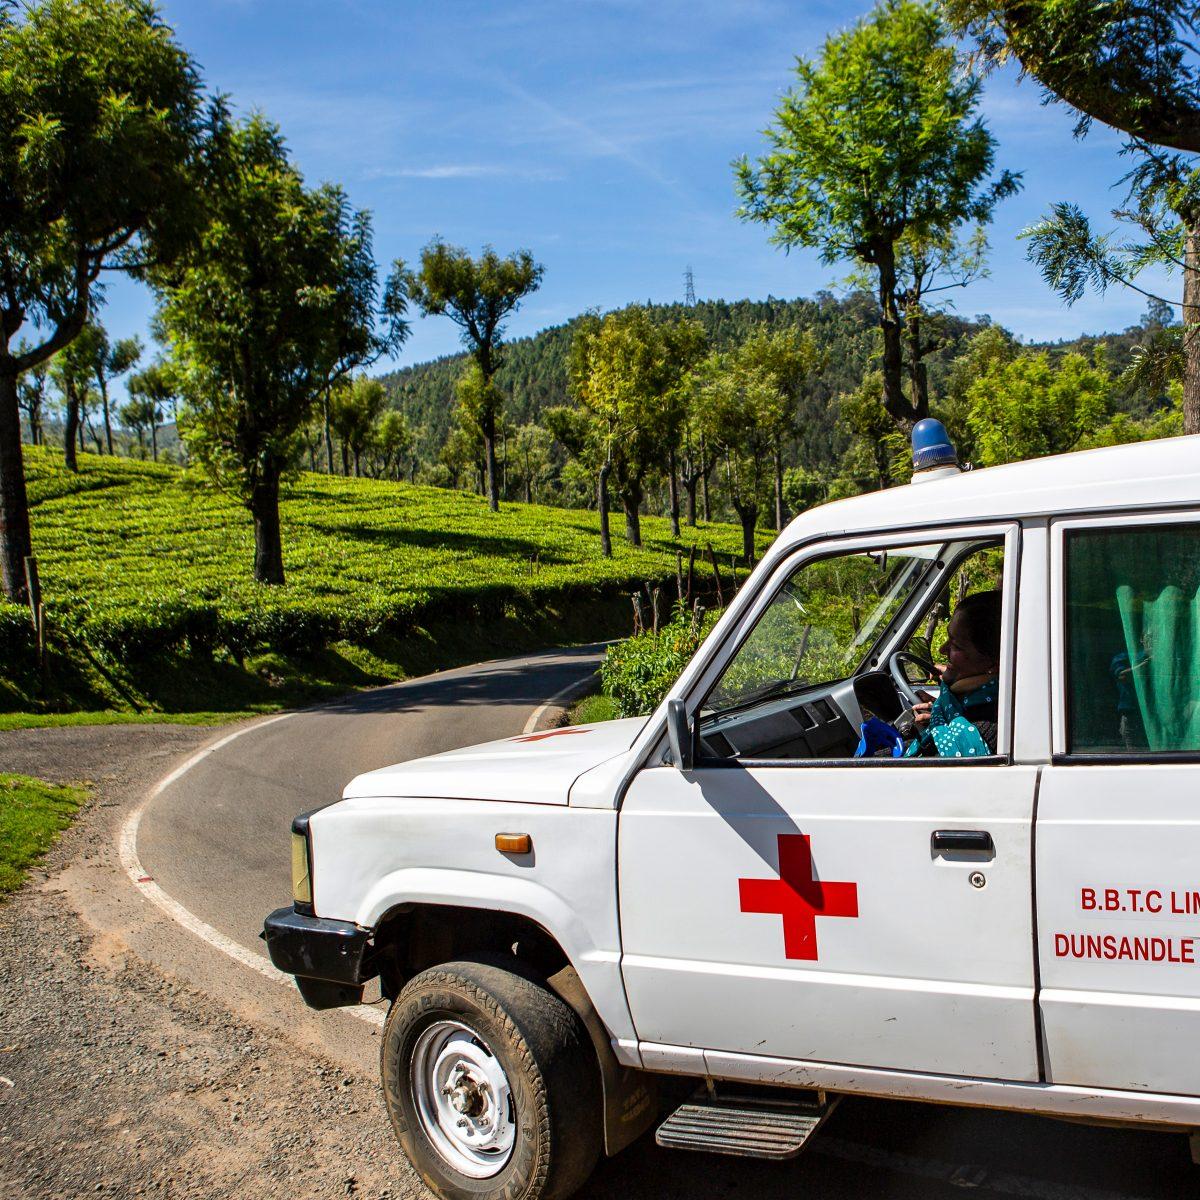 Ambulance Dunsandle